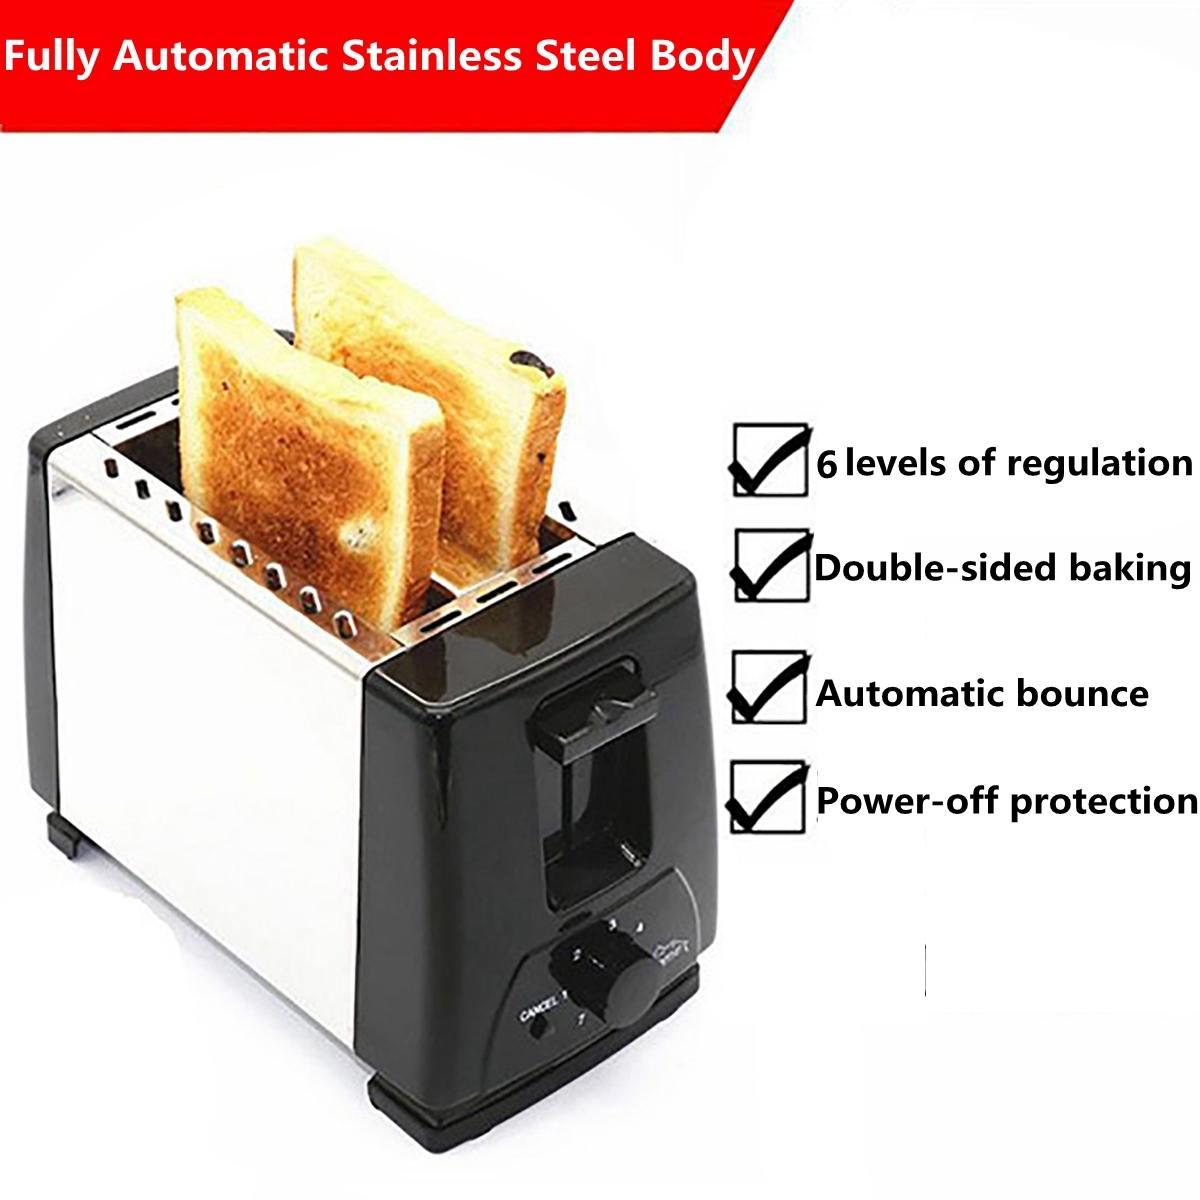 750W 220V тостер хлеба тостеры печь выпечки кухонная техника тостов машина завтрак сэндвич быстро защитный чайник